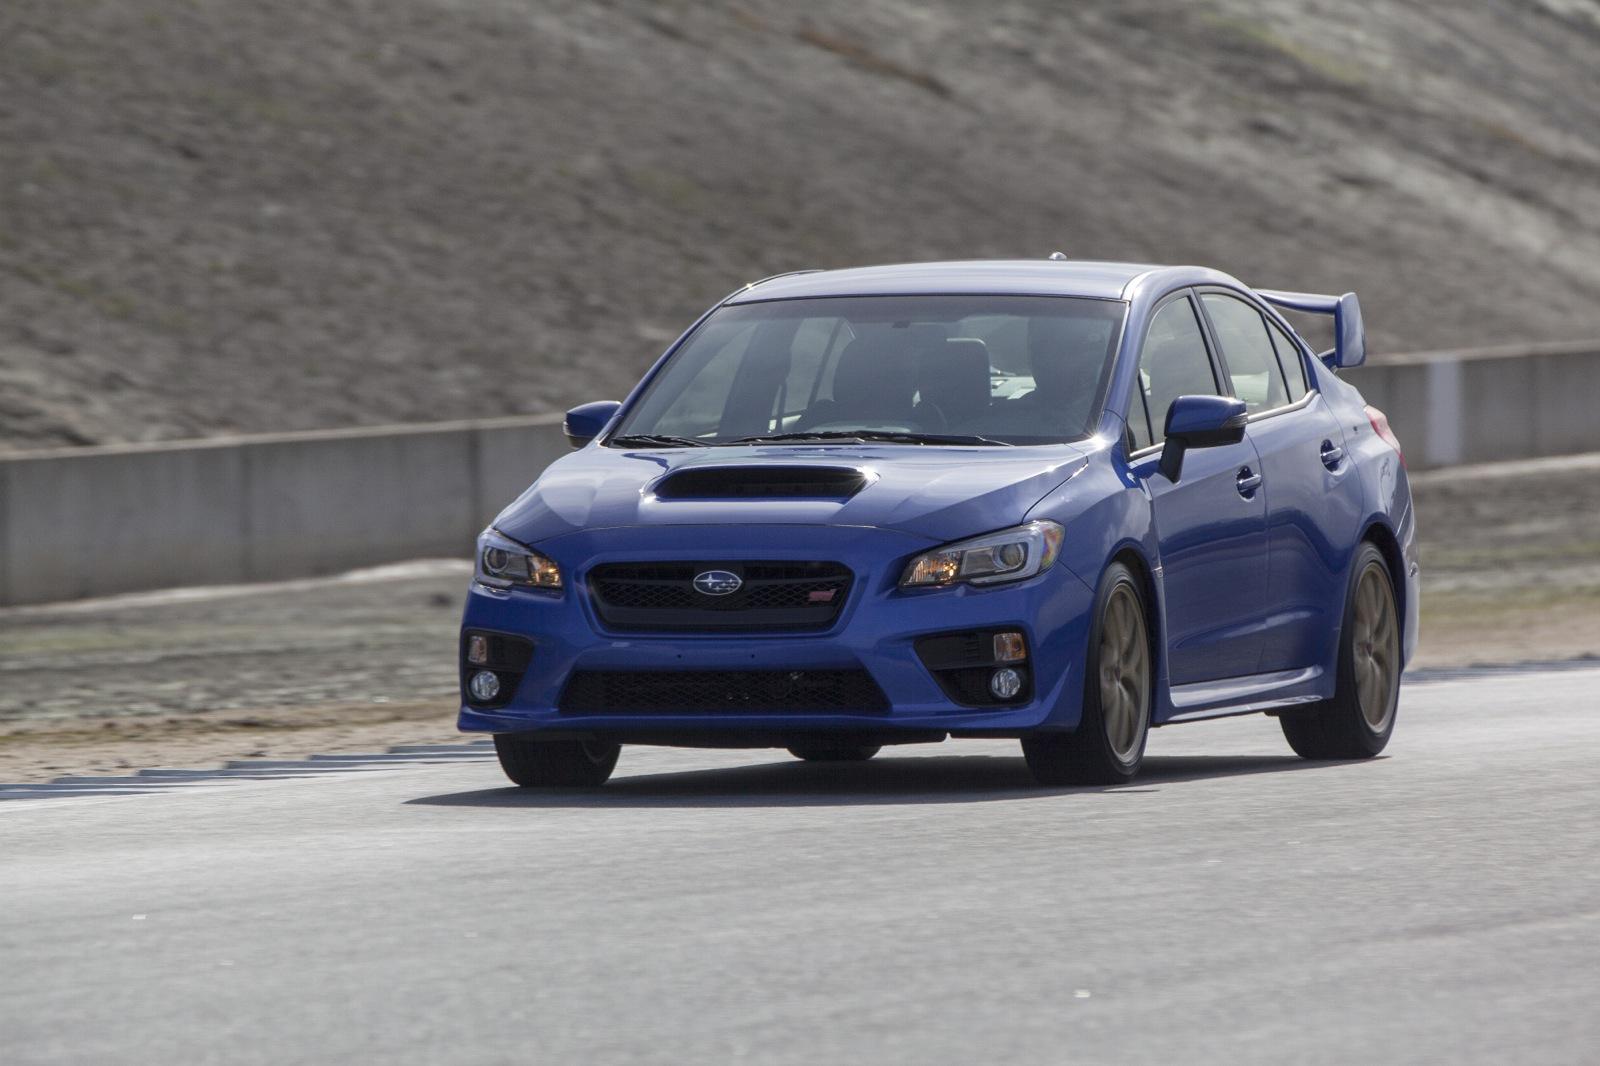 Sti Movers Reviews 2014 Subaru WRX STI Review | CarAdvice